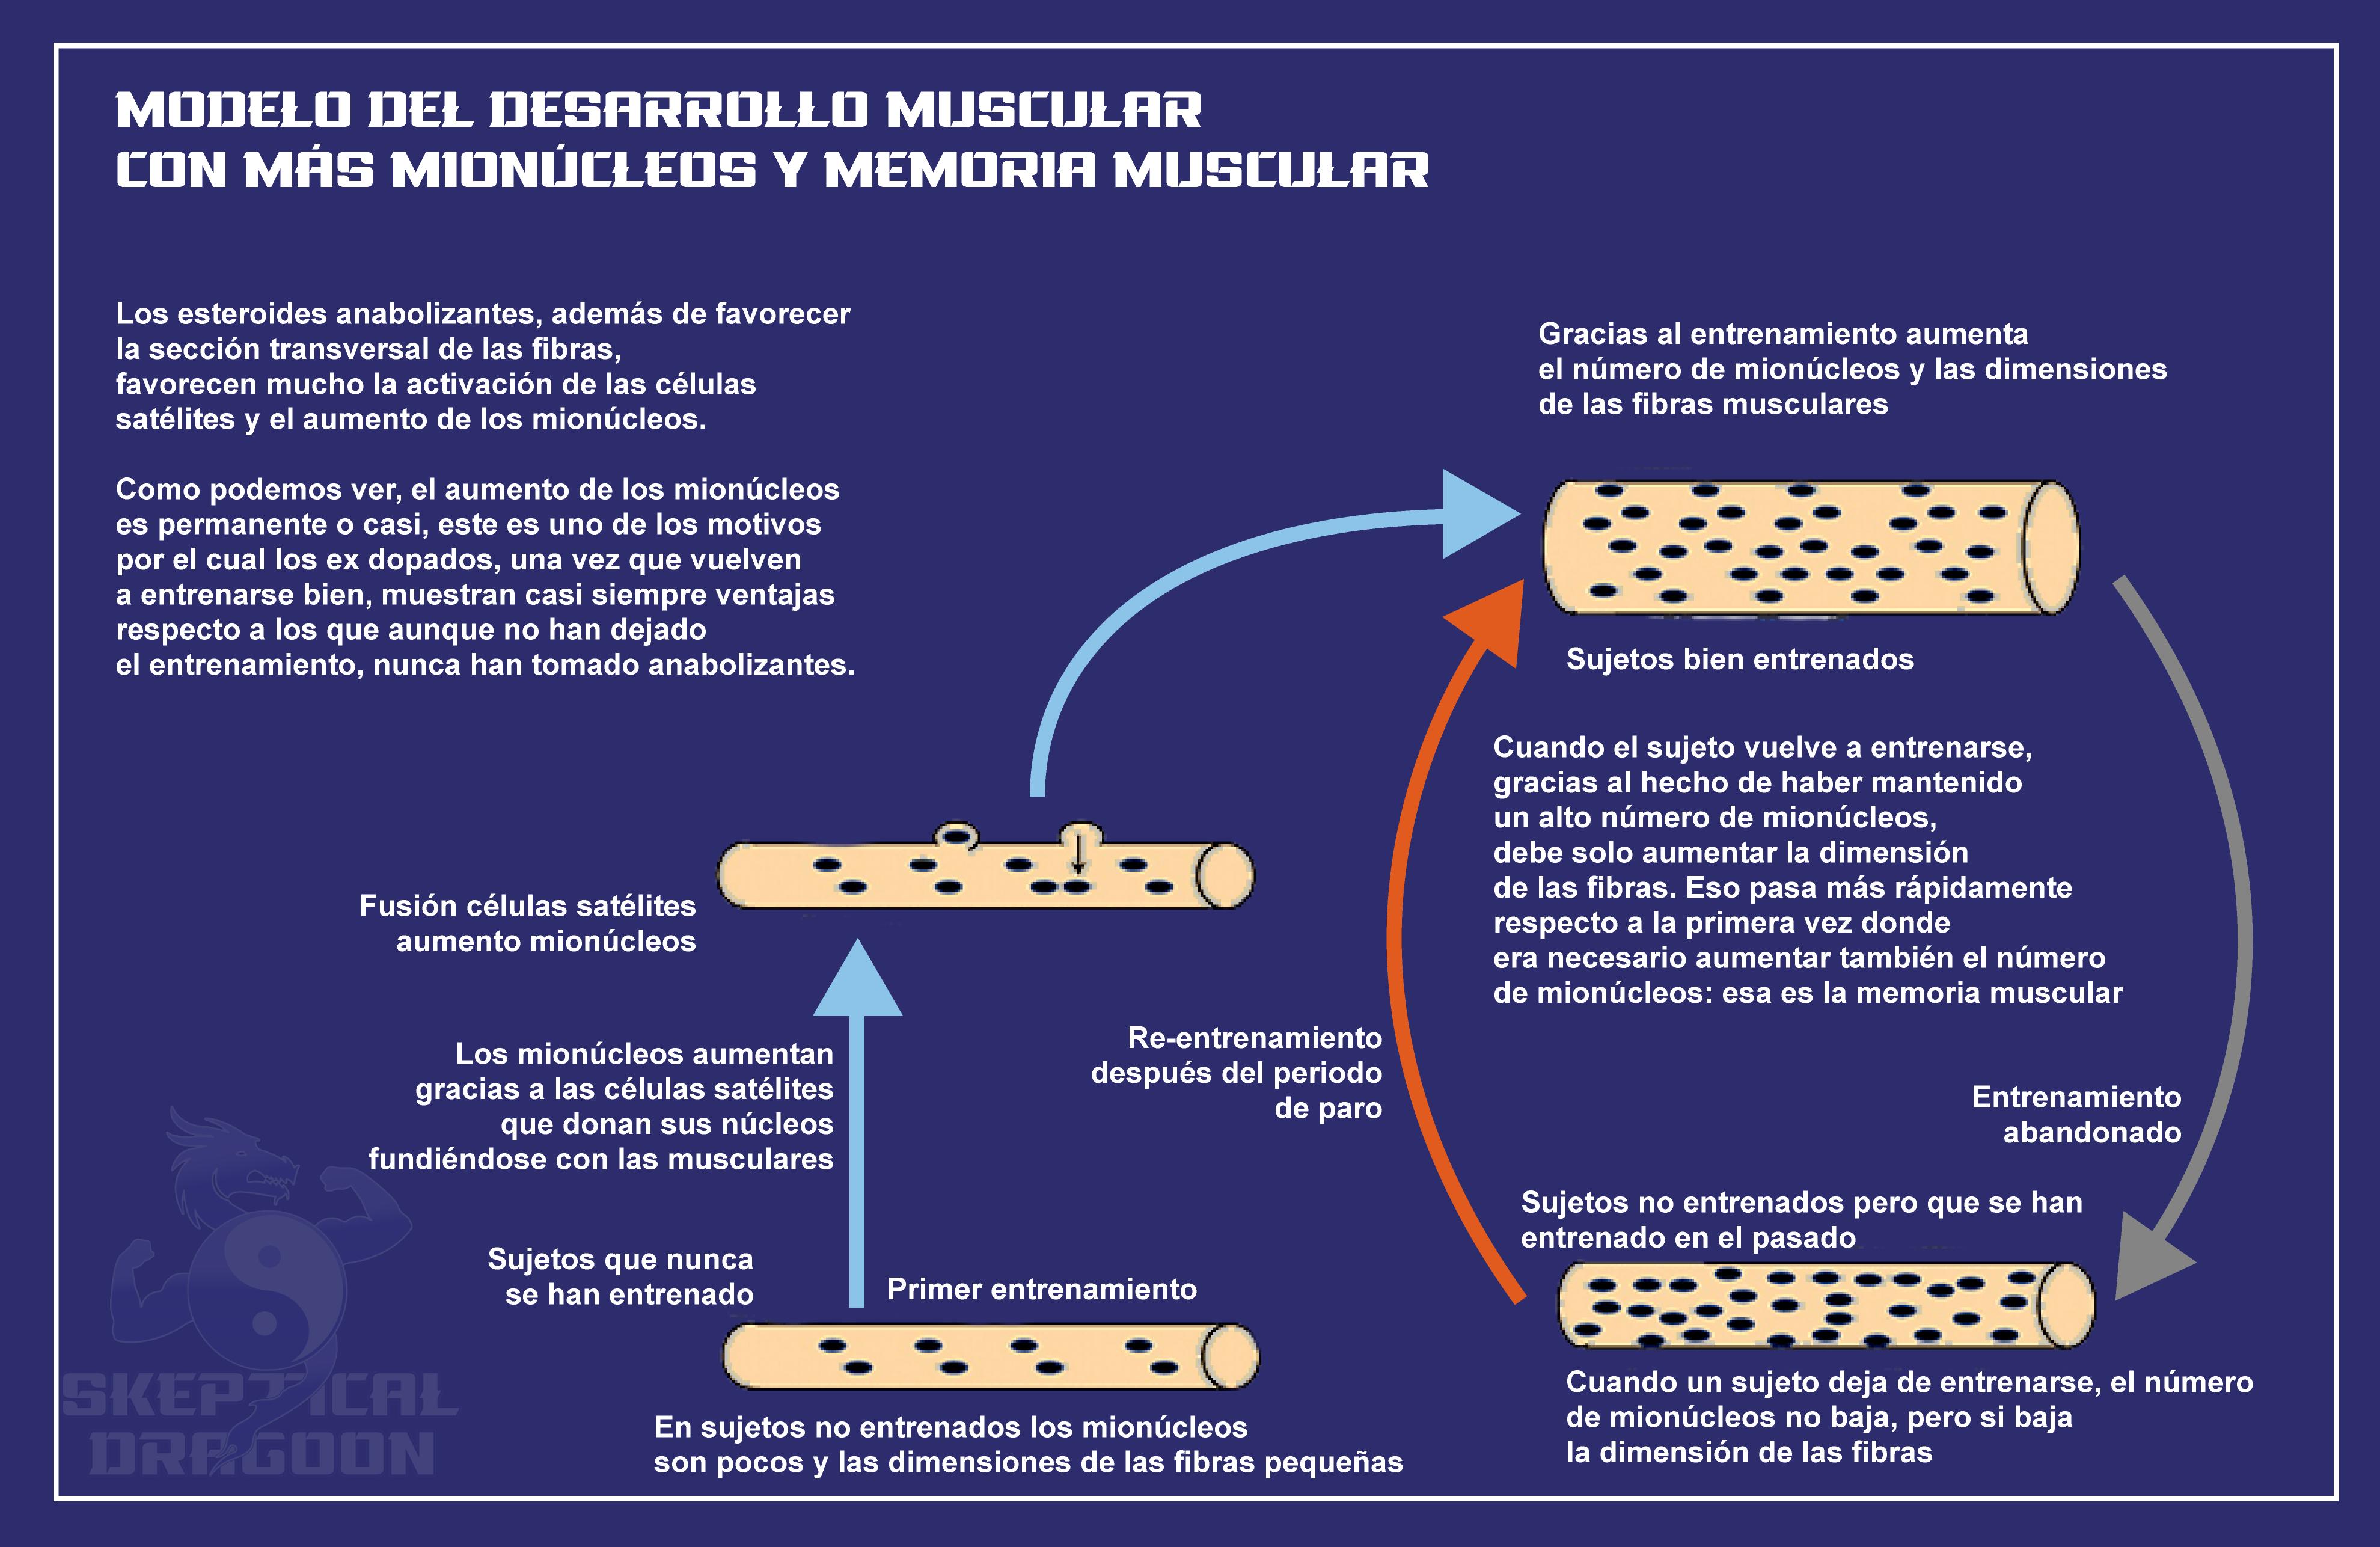 memoria muscular 2